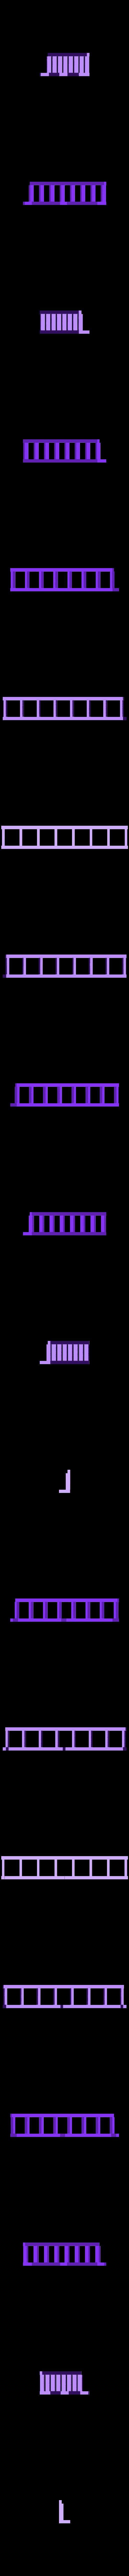 ladder_v.stl Télécharger fichier STL gratuit Boxcar russe série 11-270, échelle HO • Design pour impression 3D, positron